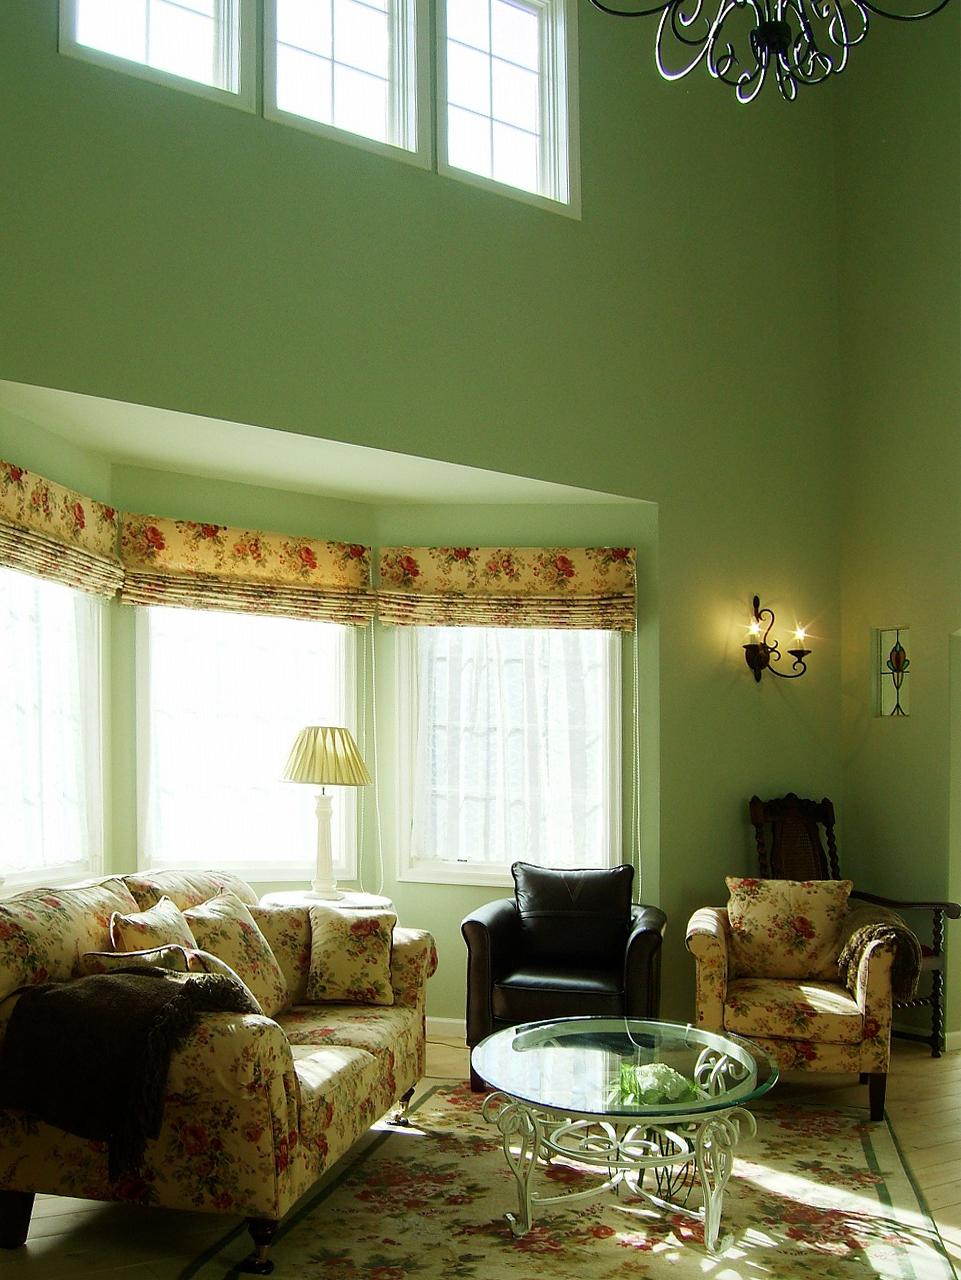 出窓のある優雅なリビングルーム